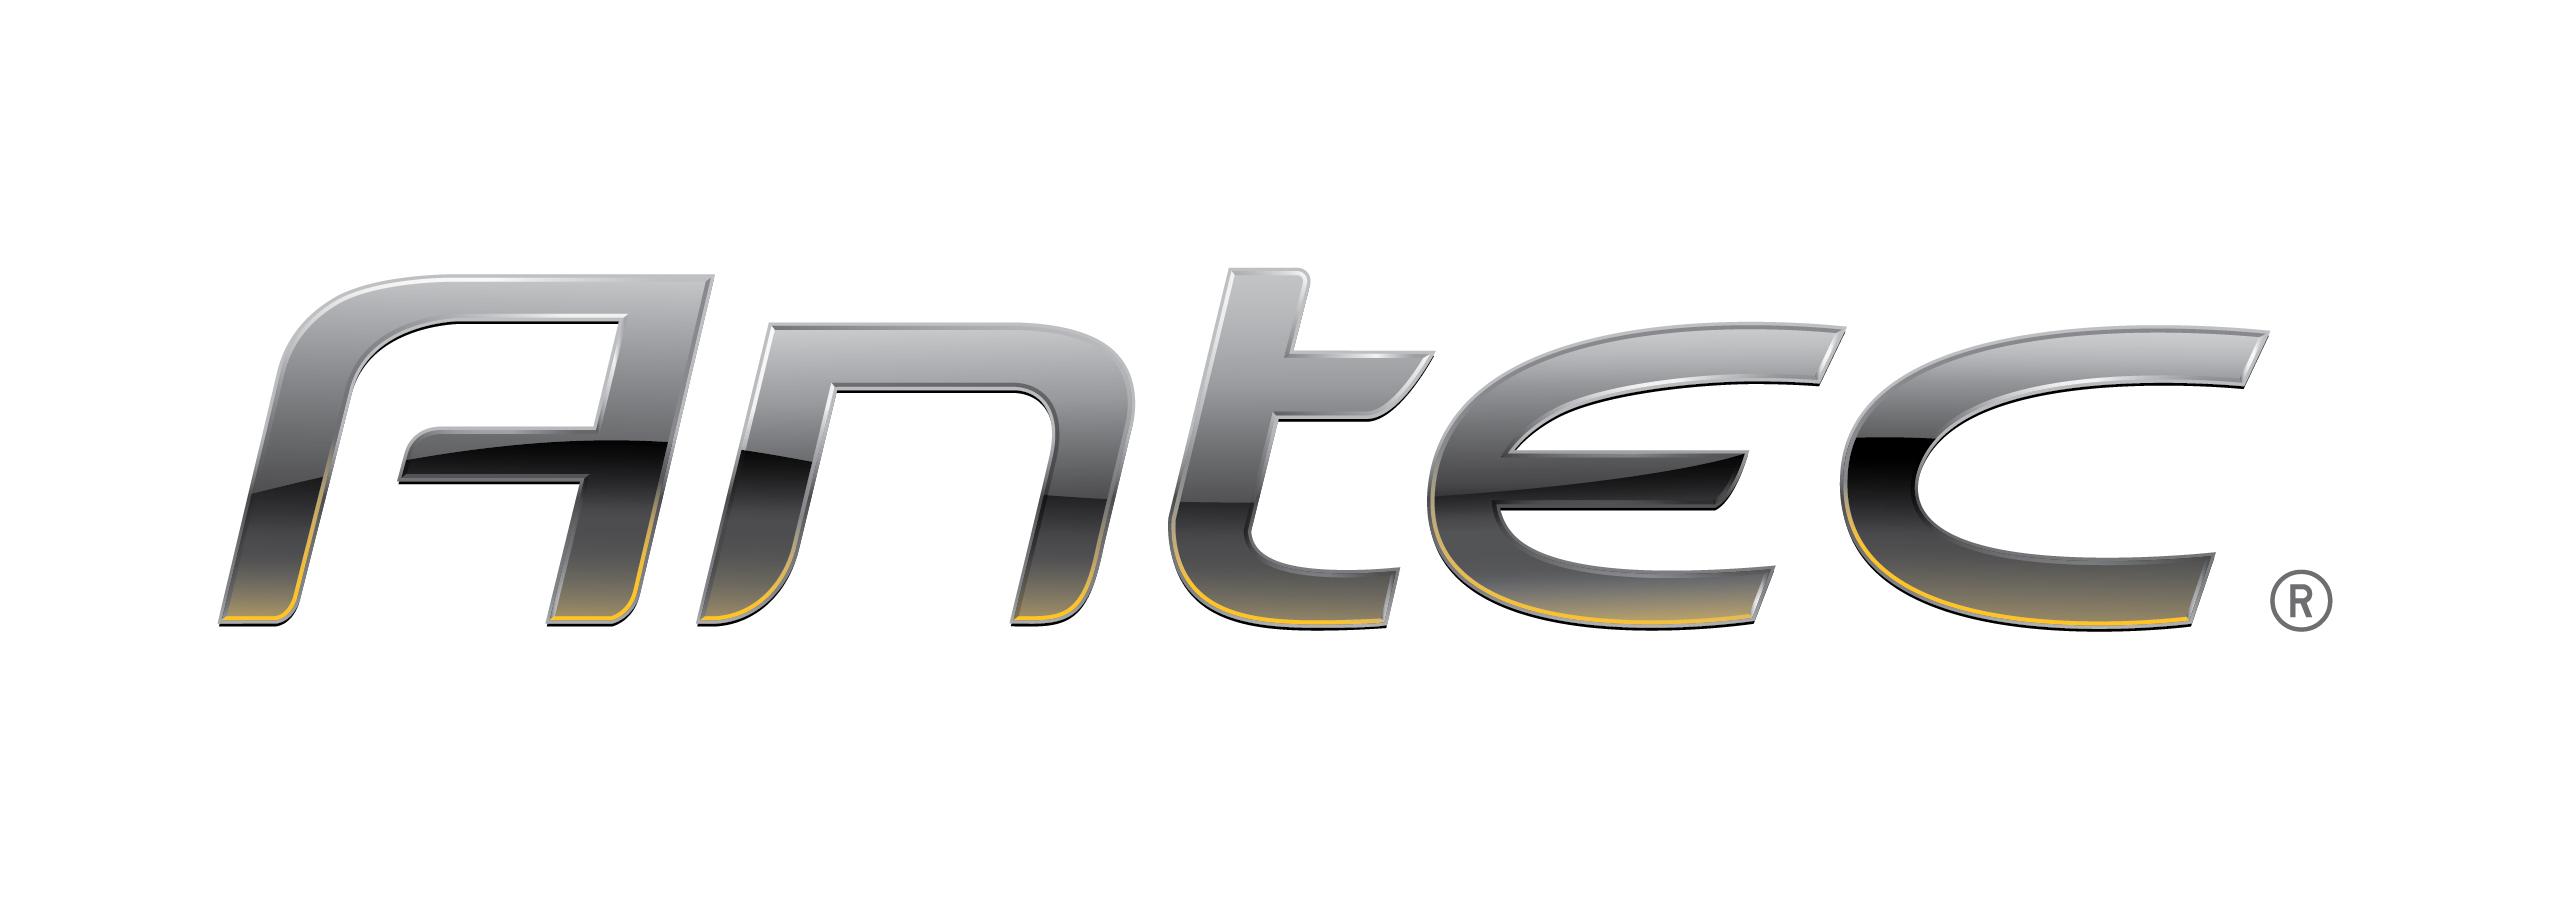 AntecLogo  H2o Logo Png